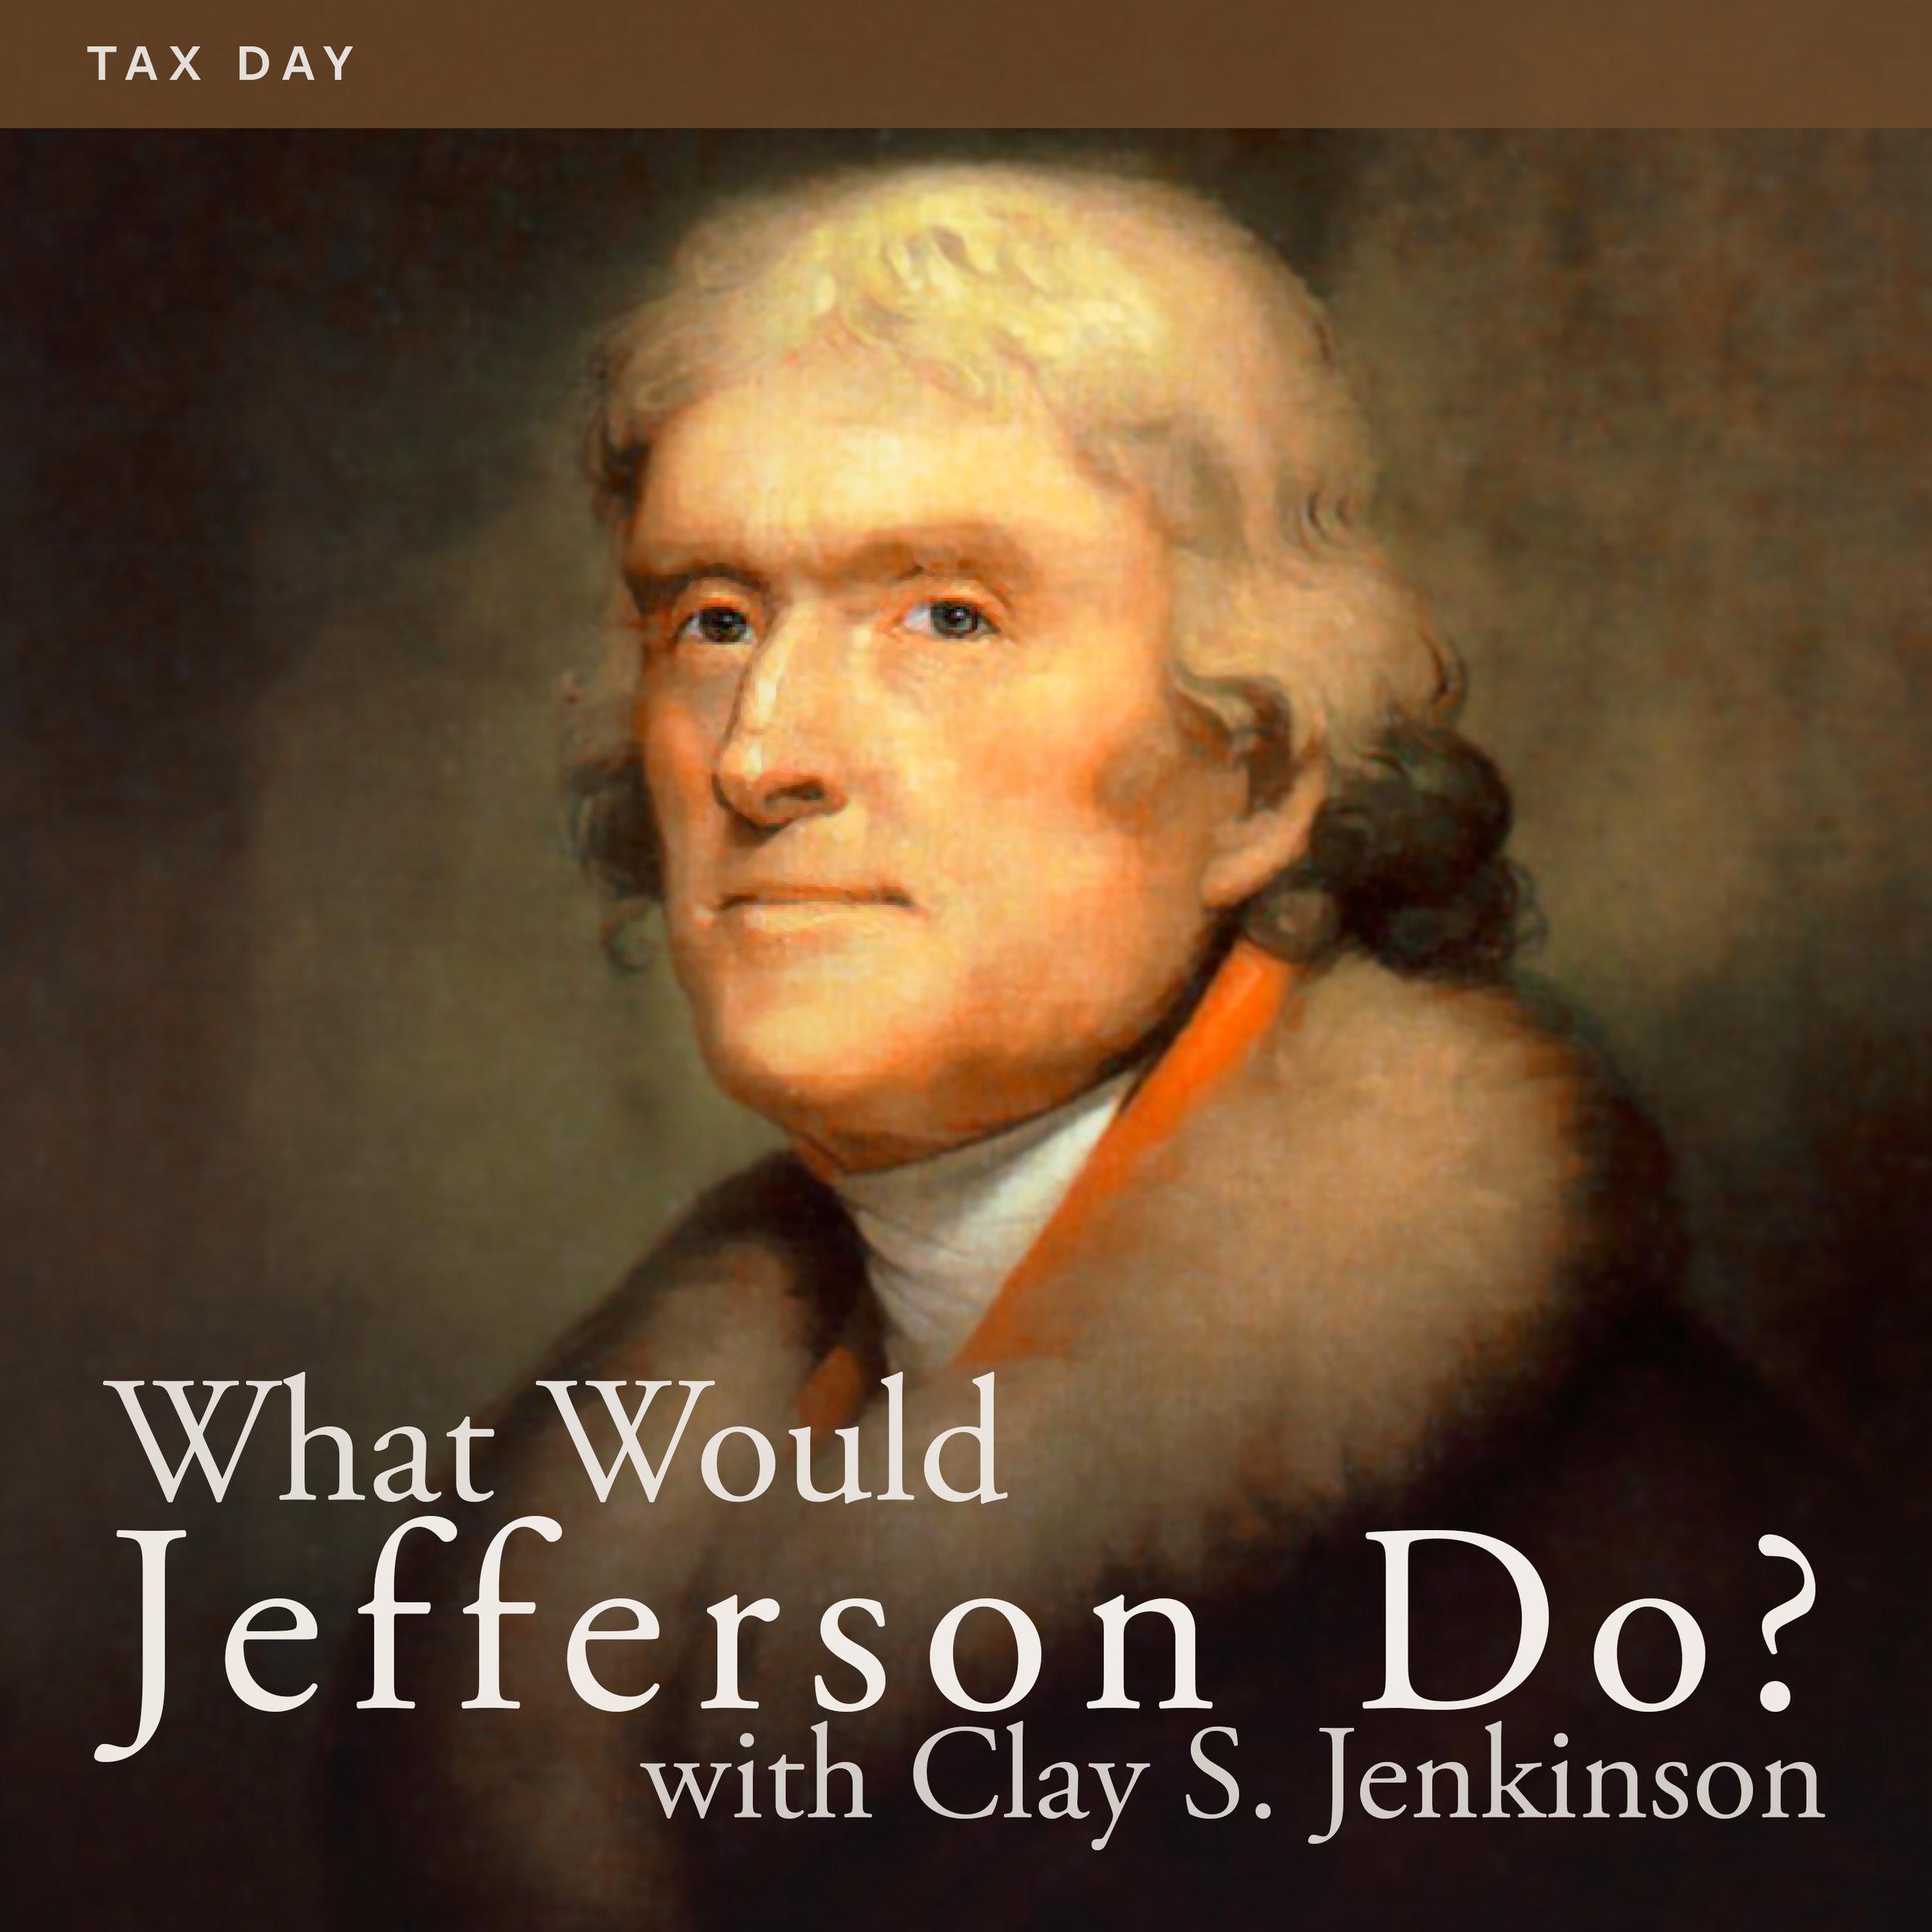 WWTJD_1336 Tax Day.jpg